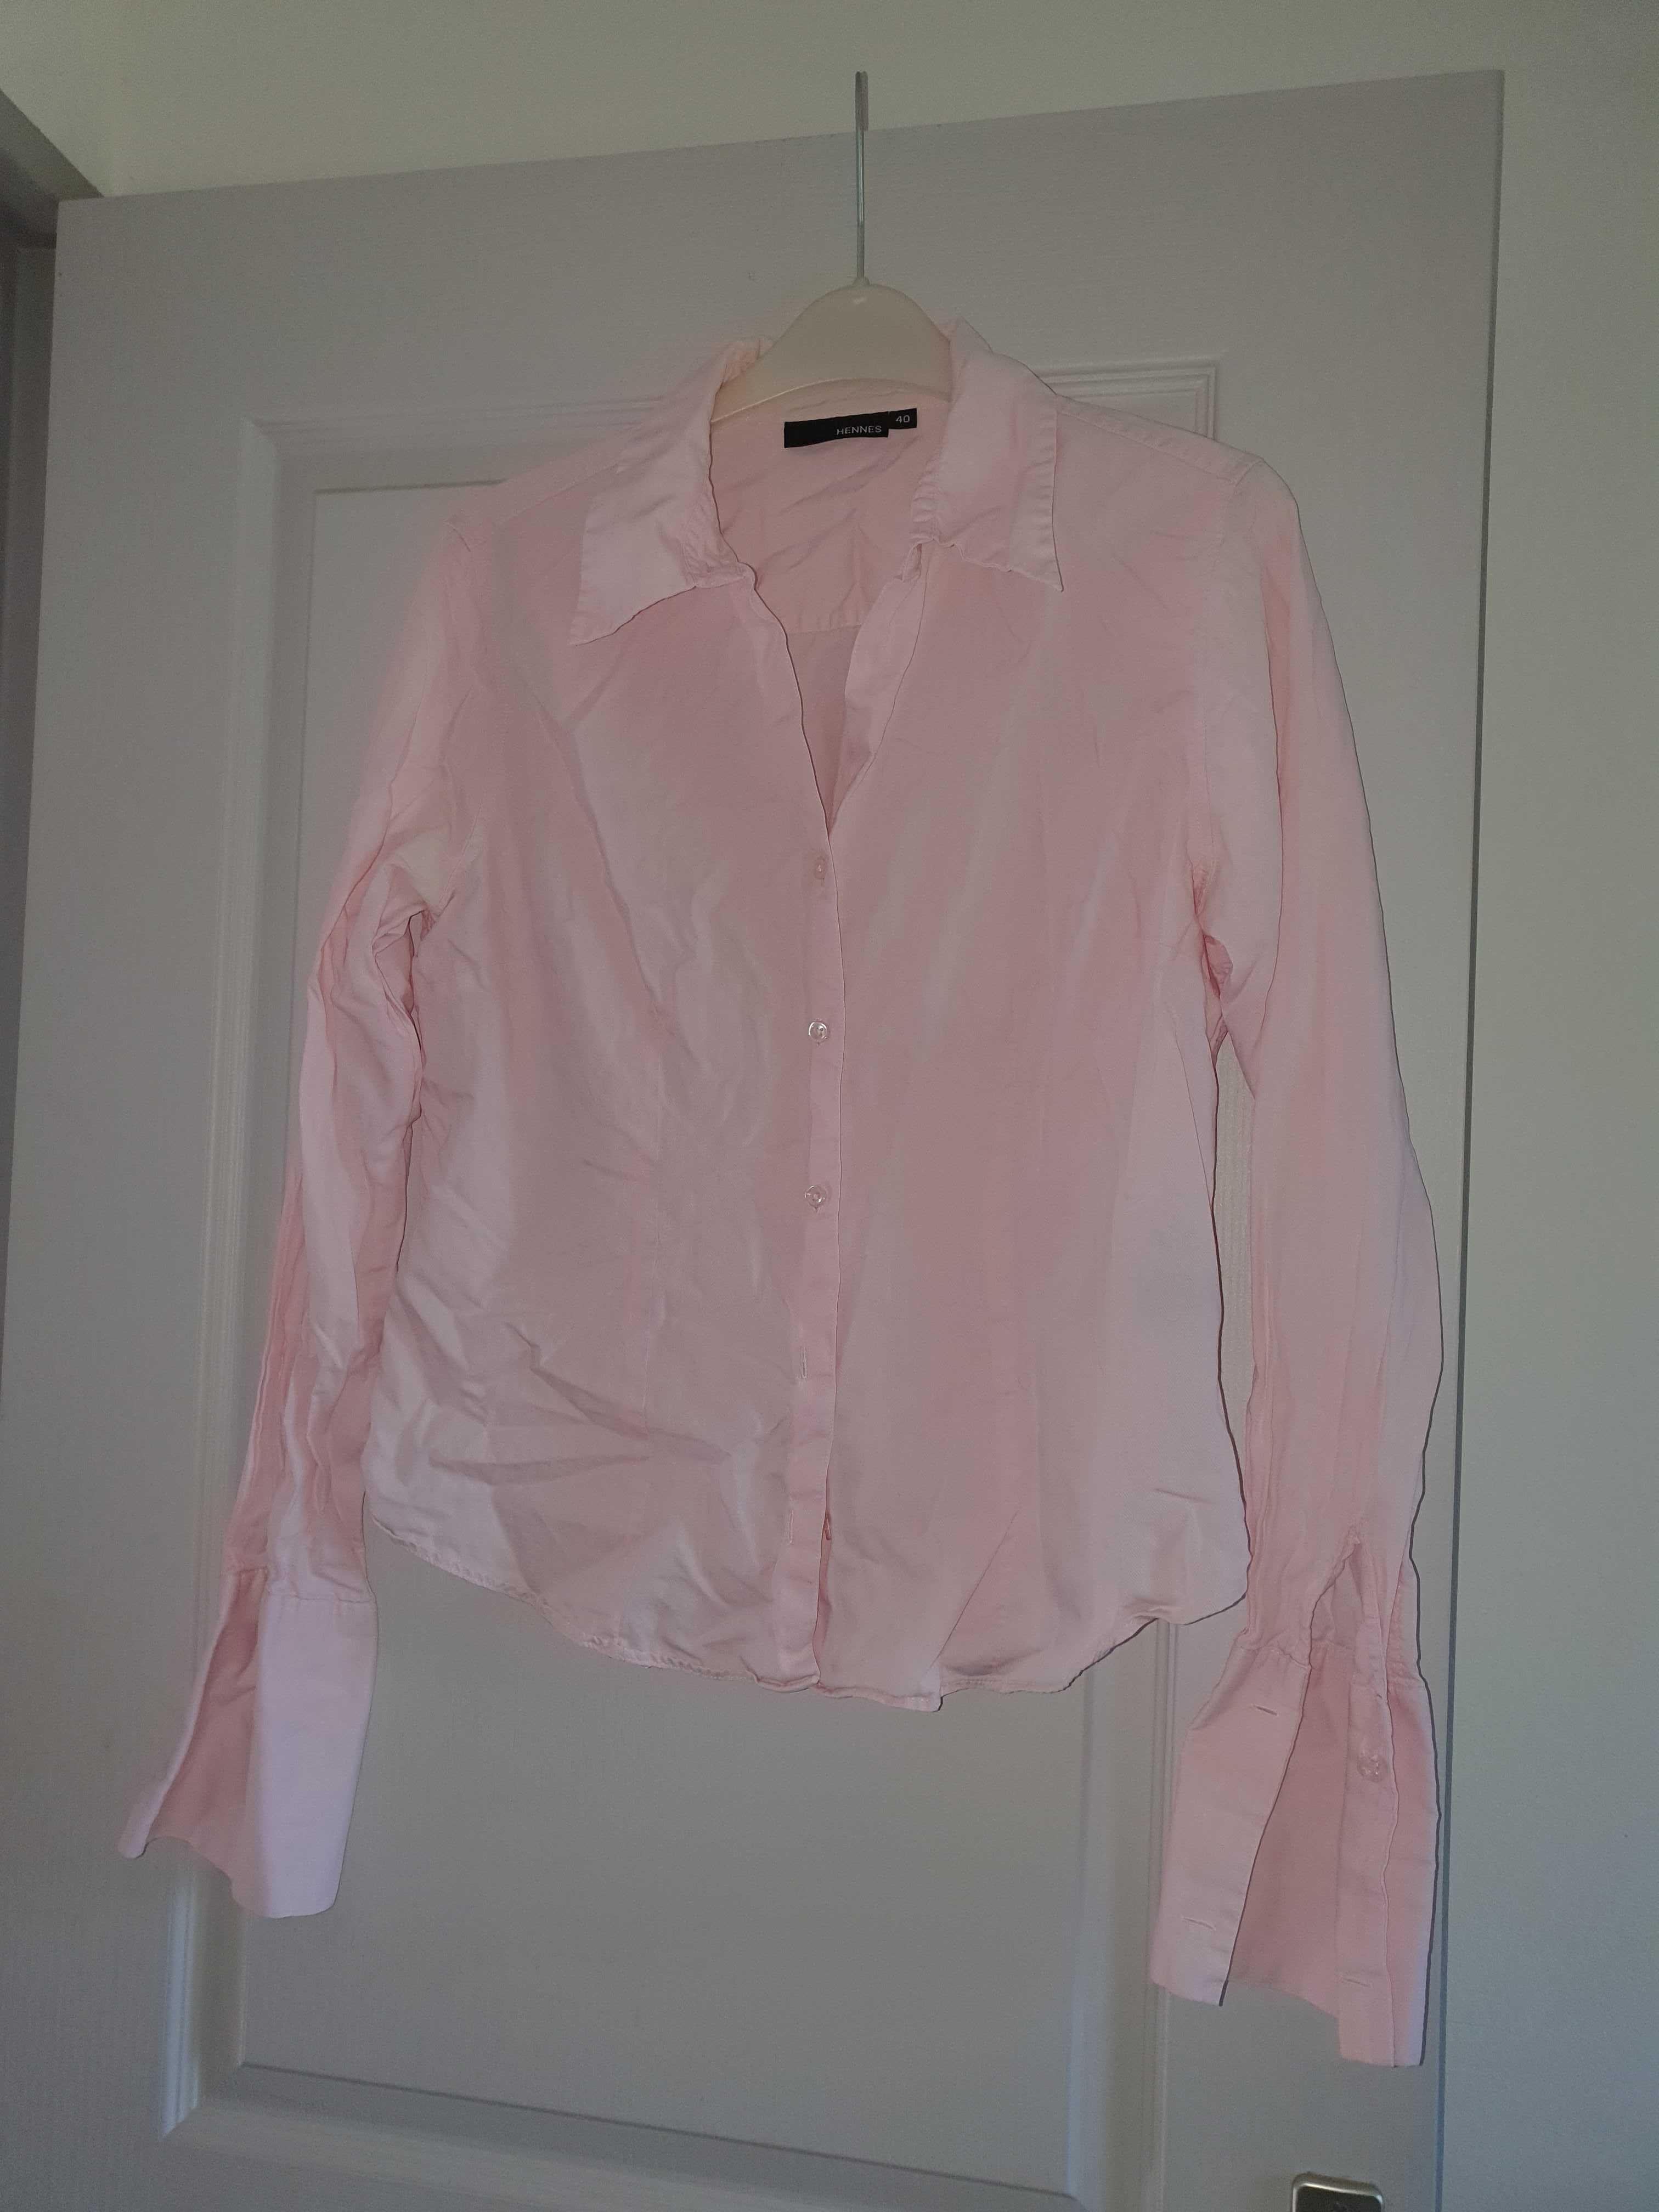 troc de troc chemise rose taille 40 image 0